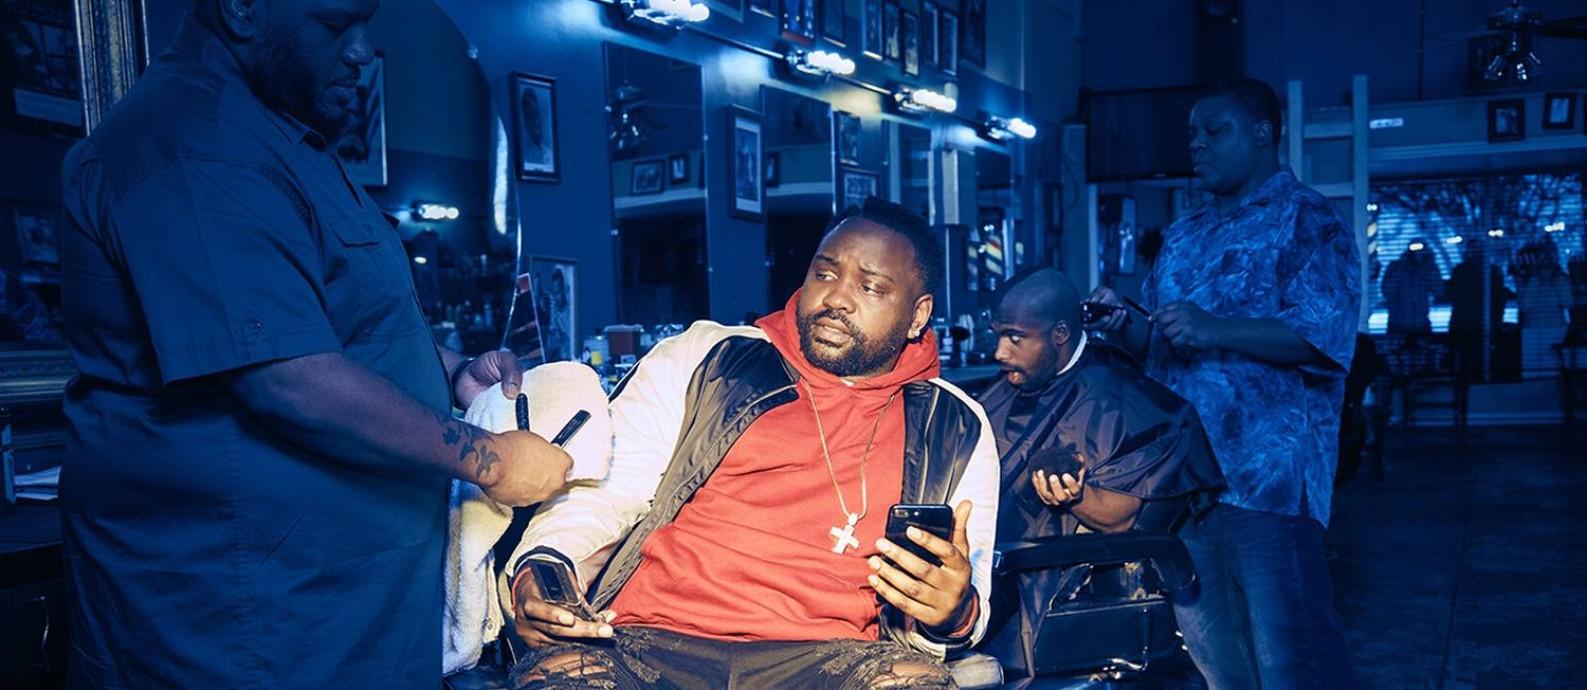 O ator Brian Tyree Henry como o rapper Paper Boi da série de TV 'Atlanta' Foto: Divulgação